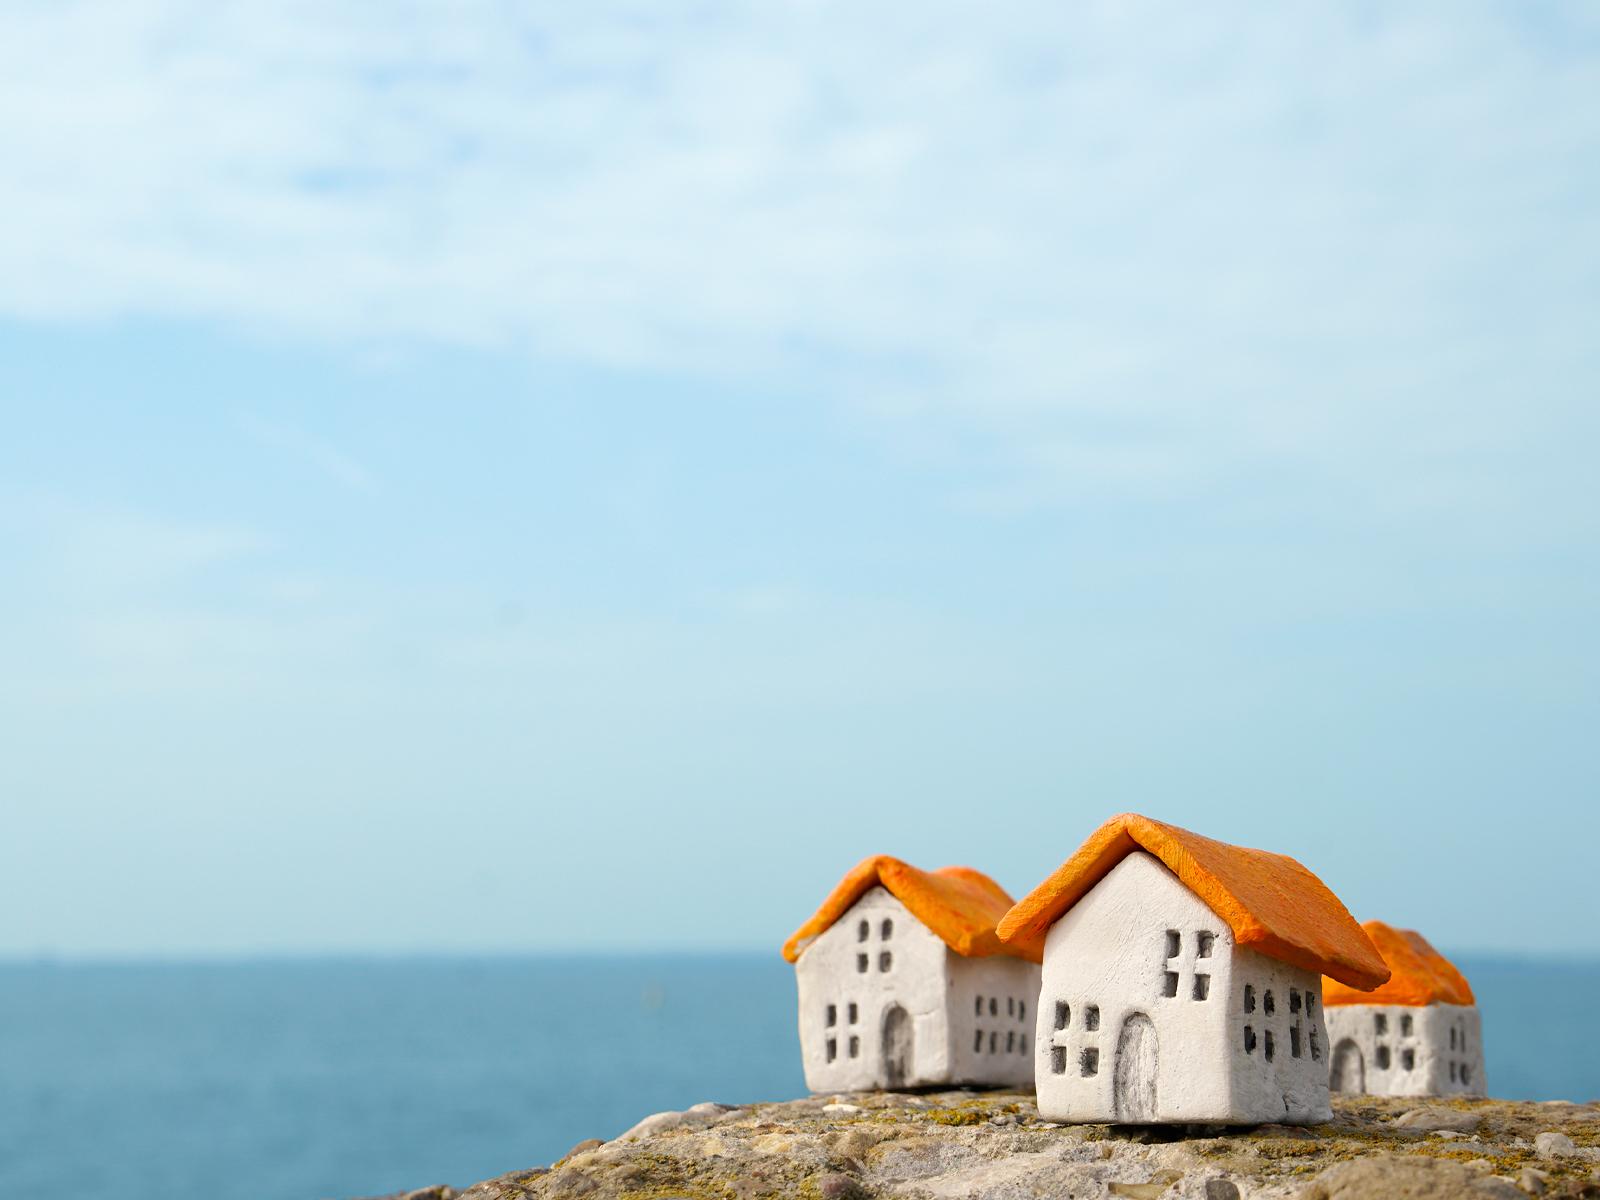 Qual é a reflexão que podemos fazer da casa sobre a rocha?